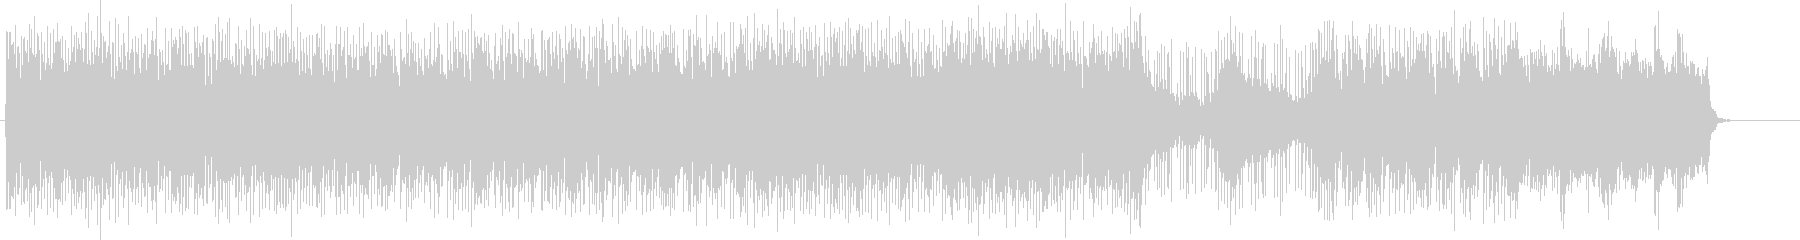 頭サビメロがキャッチーなテーマのロックの未再生の波形